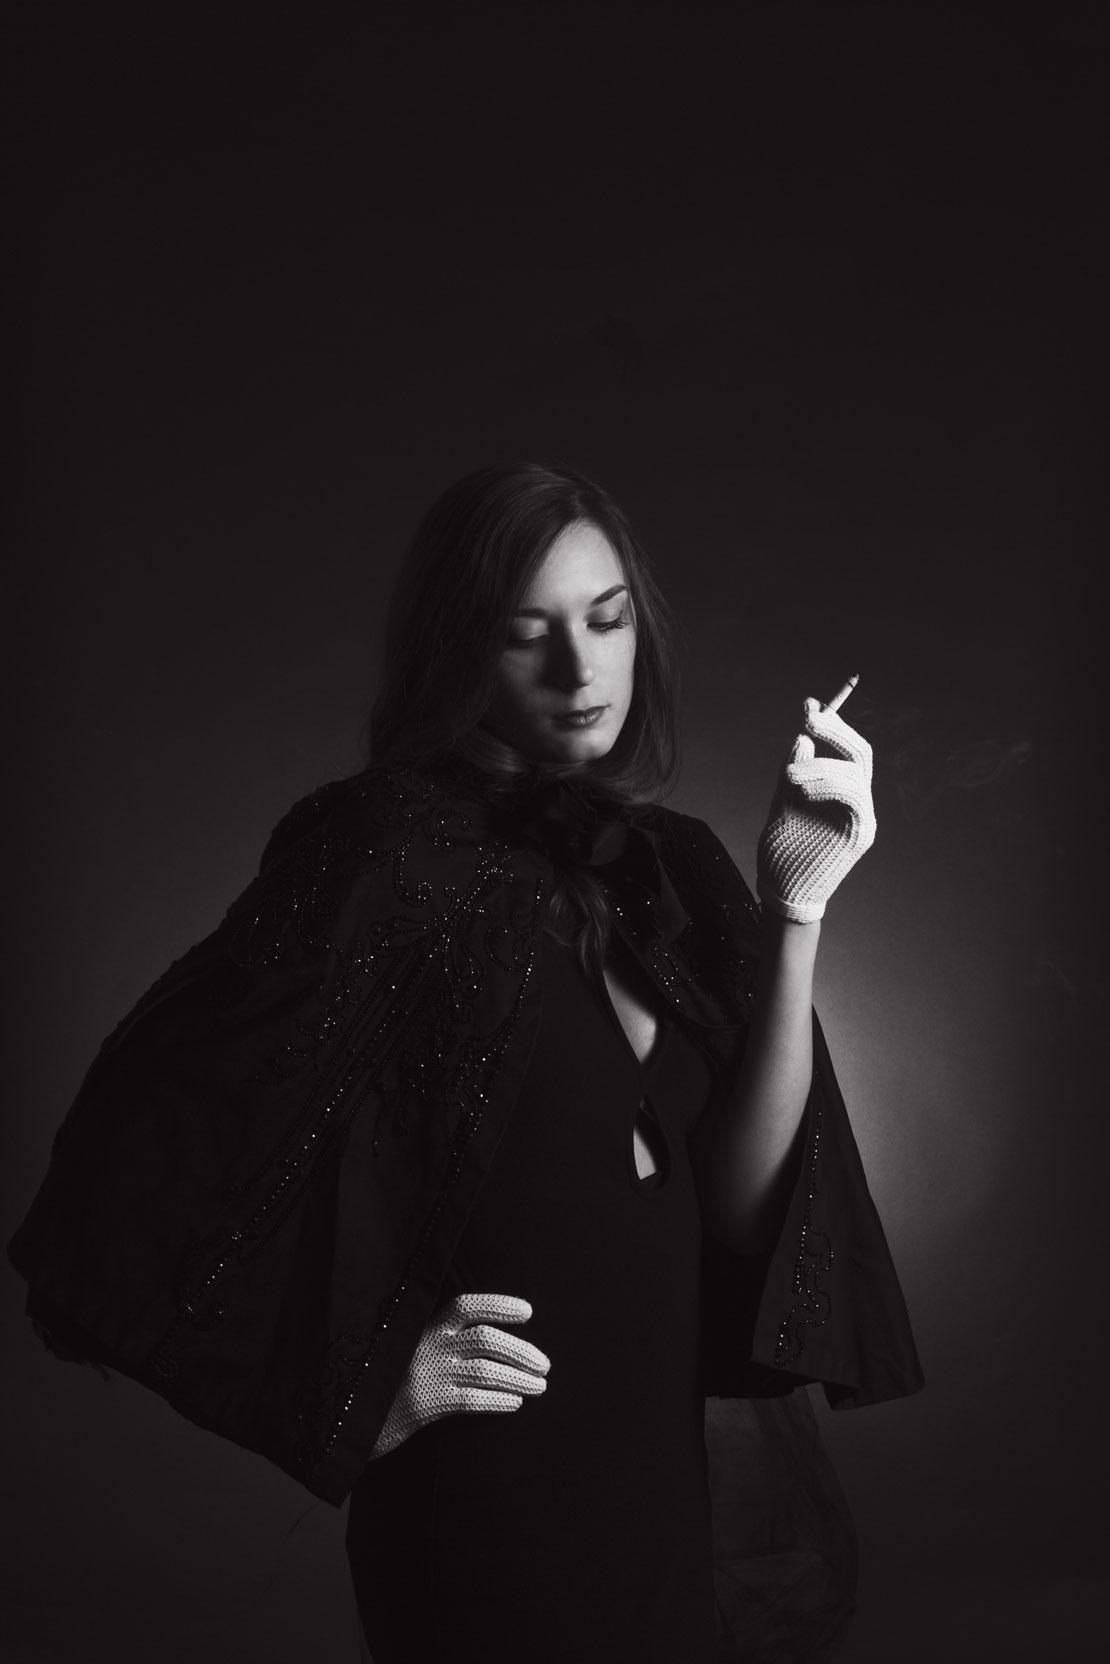 Portrait de femme en noir et blanc style années 50